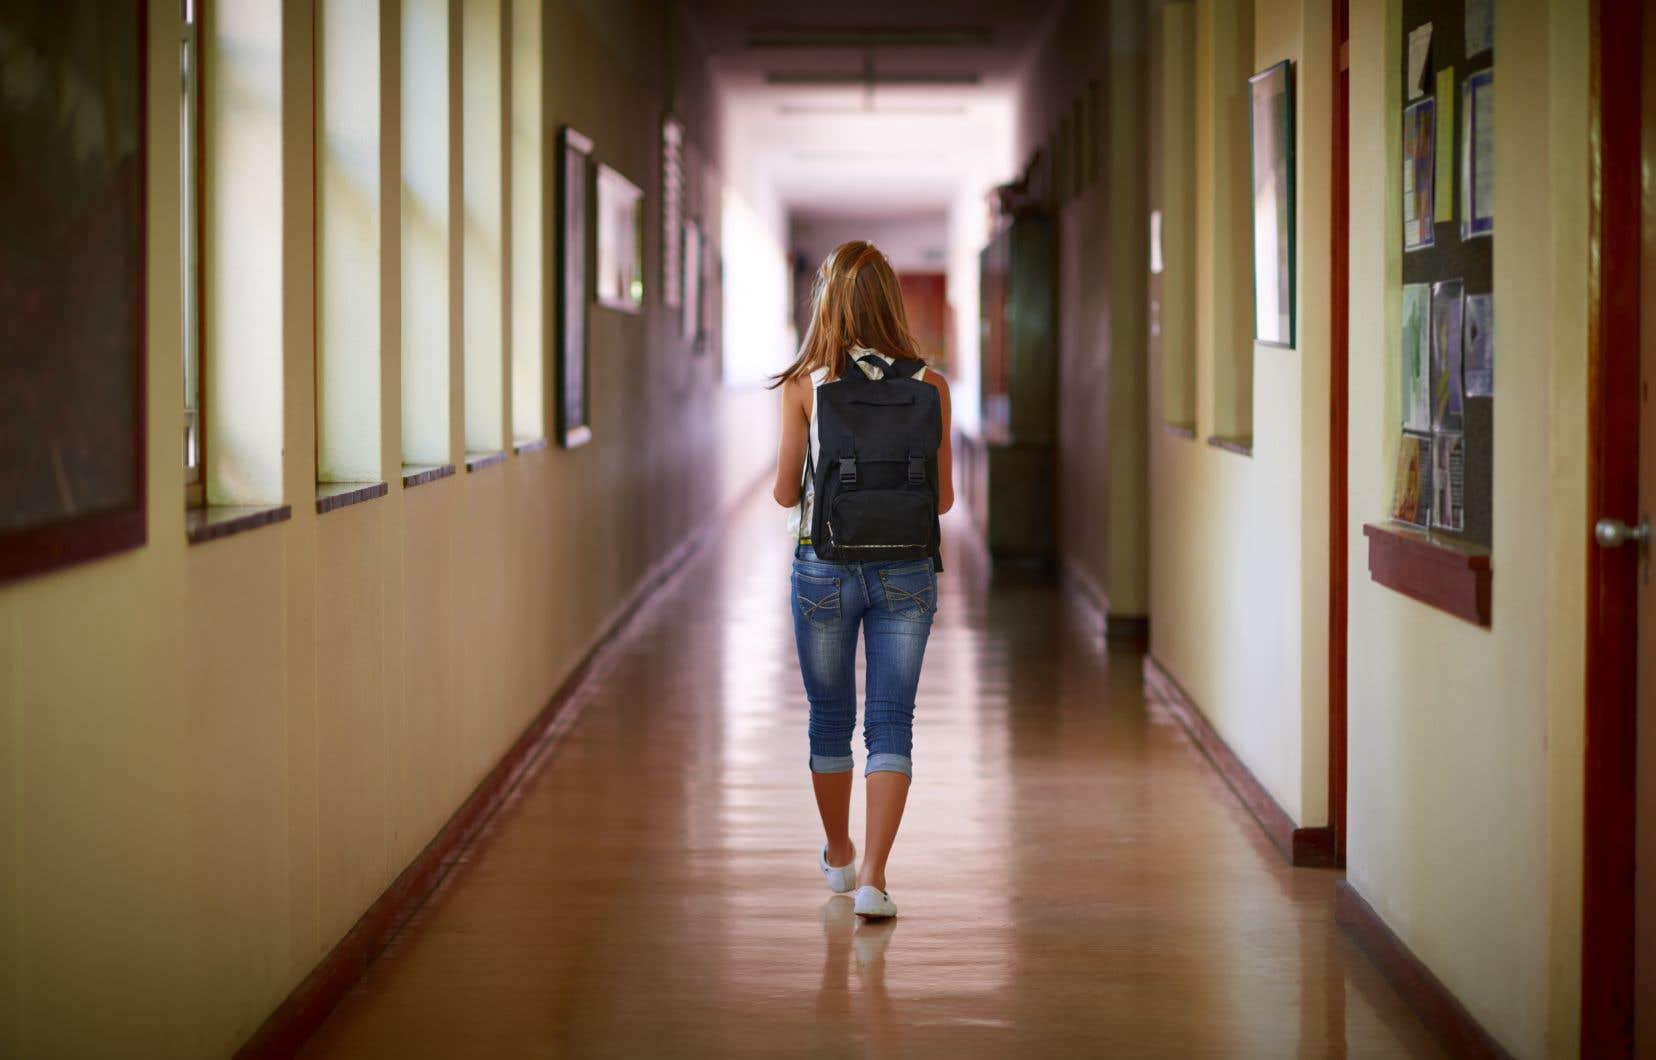 L'équipe de recherche conclut que les écoles secondaires restent mal outillées pour détecter les violences sexuelles et enquêter sur les signalements faits par des victimes.